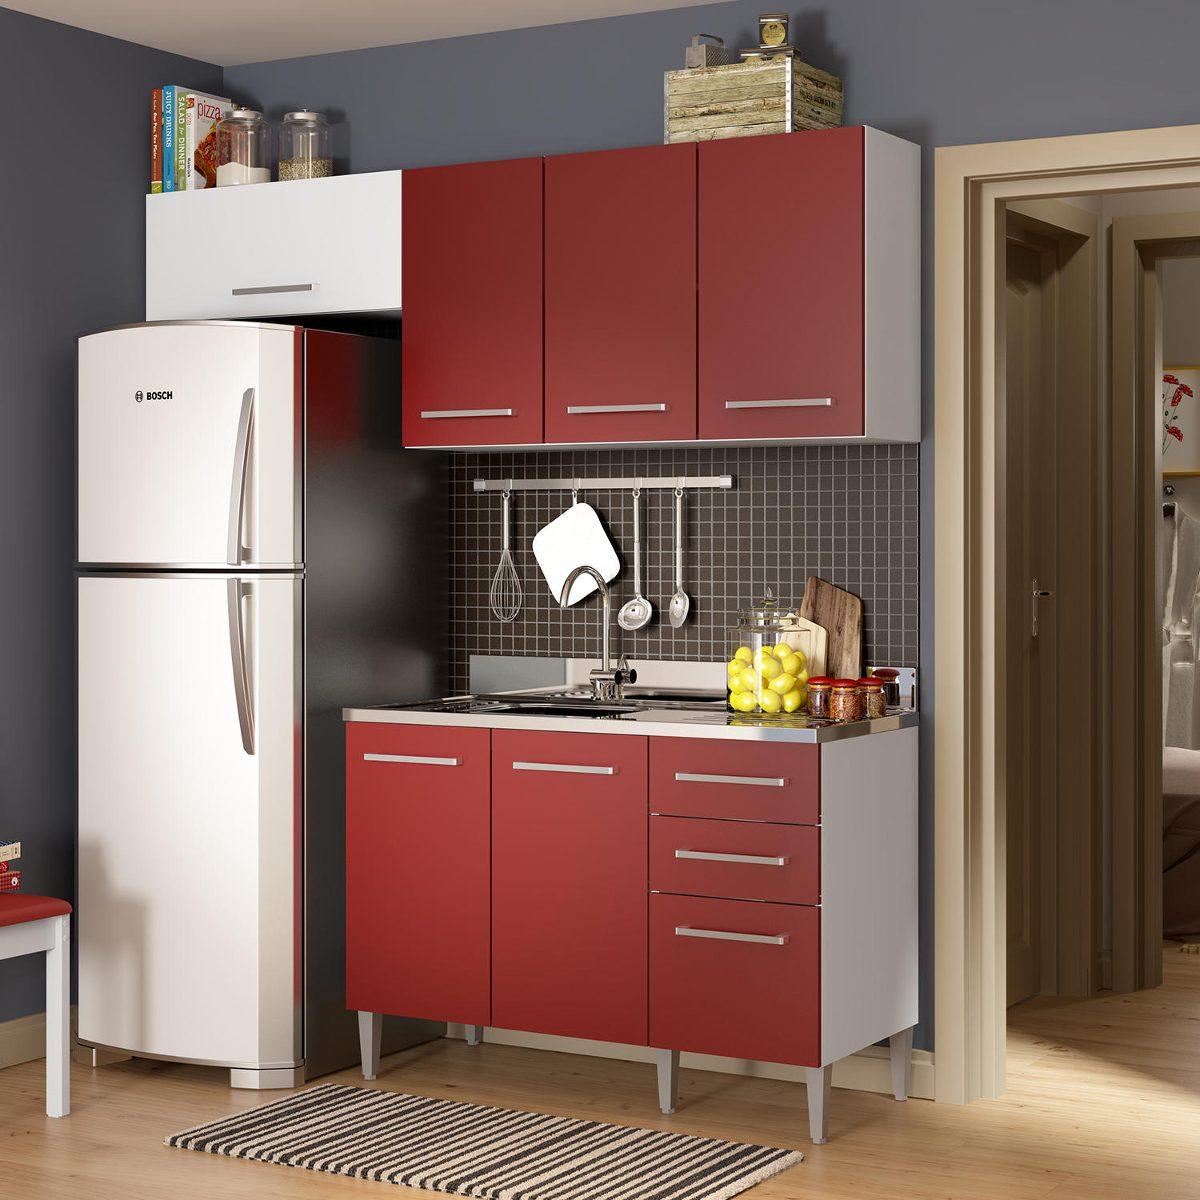 Cozinha Compacta Glamy Madesa Resimden Com